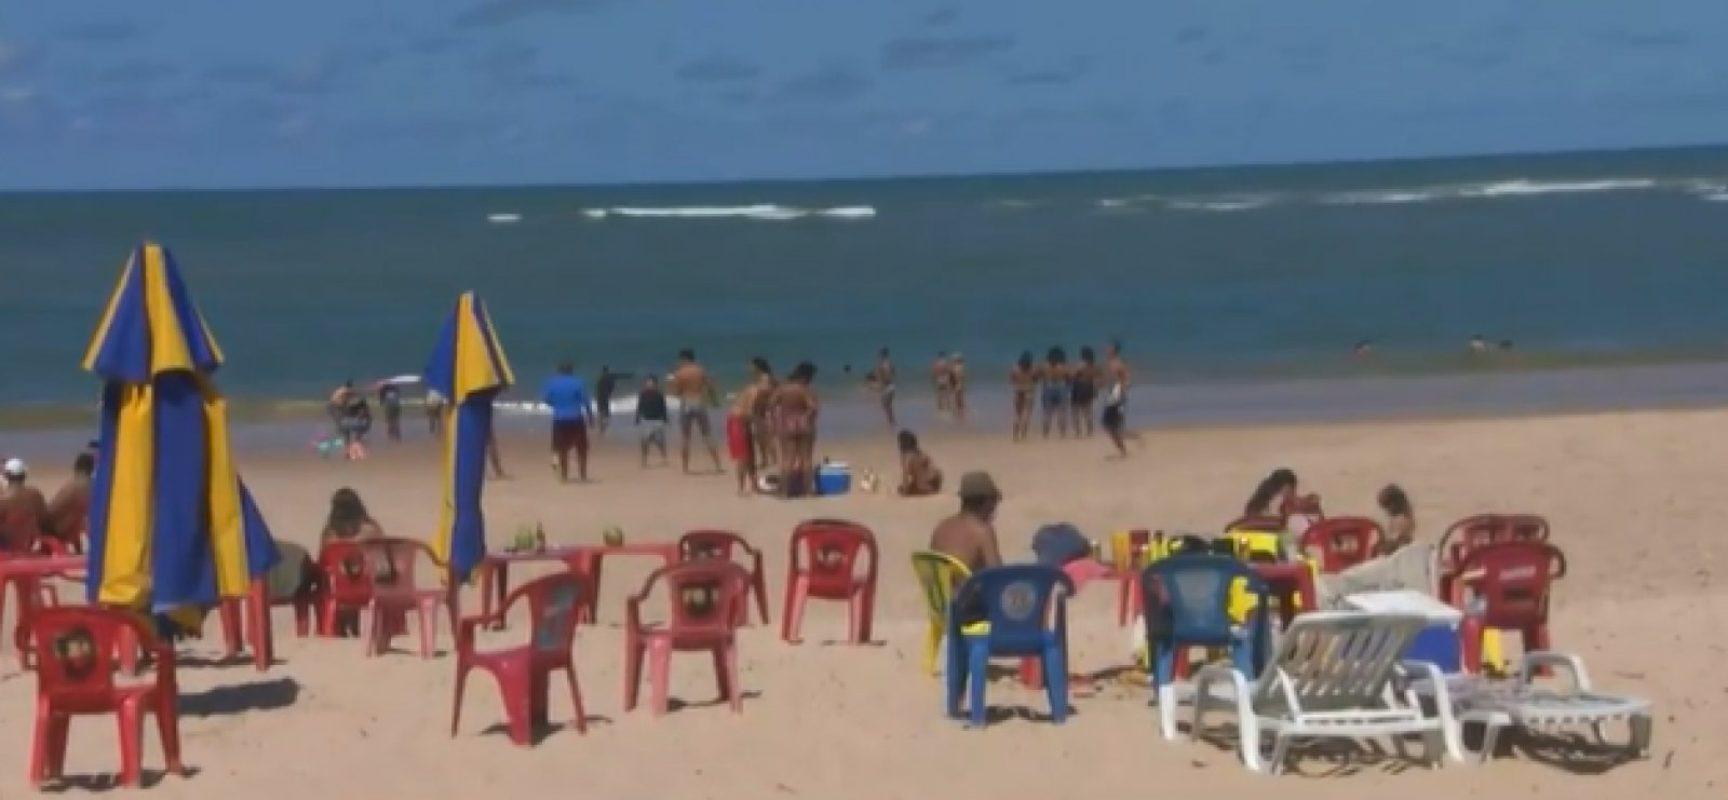 Interdição das praias de Camaçari começa amanhã (21) e segue até 5 de março